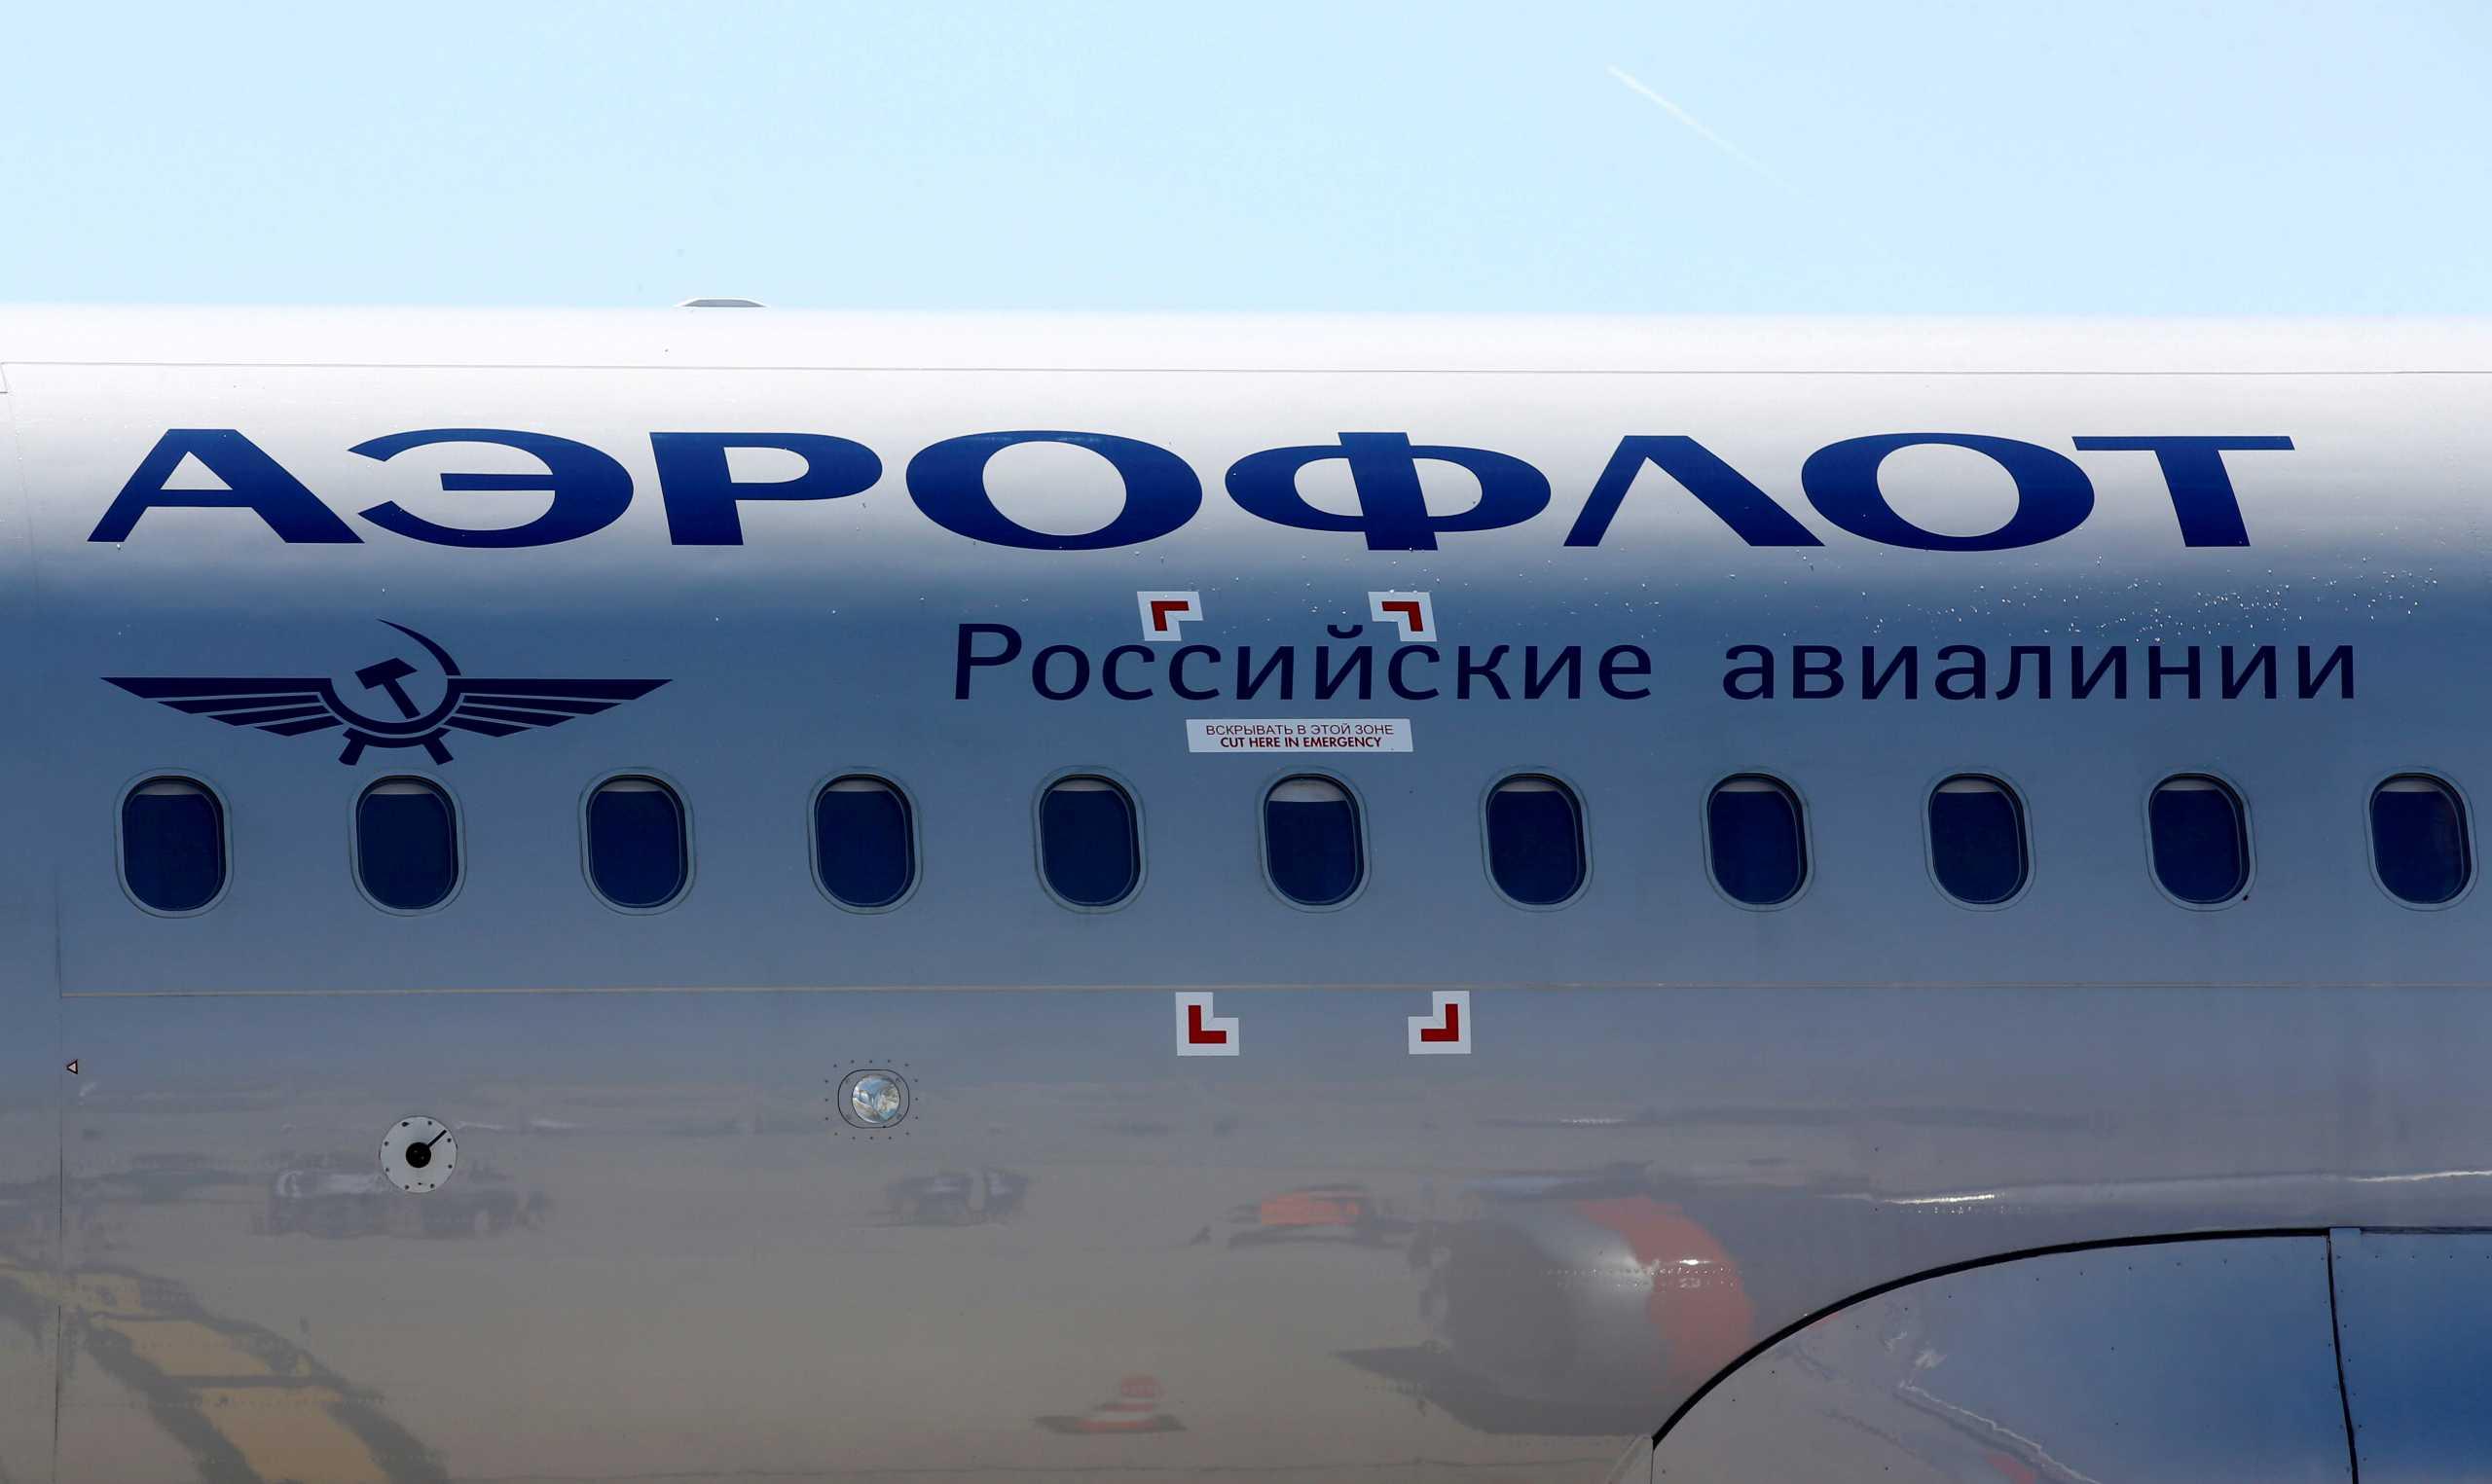 Κορονοϊός: Η Aeroflot δημιουργεί ειδικές θέσεις για όσους αρνούνται να φορέσουν μάσκα